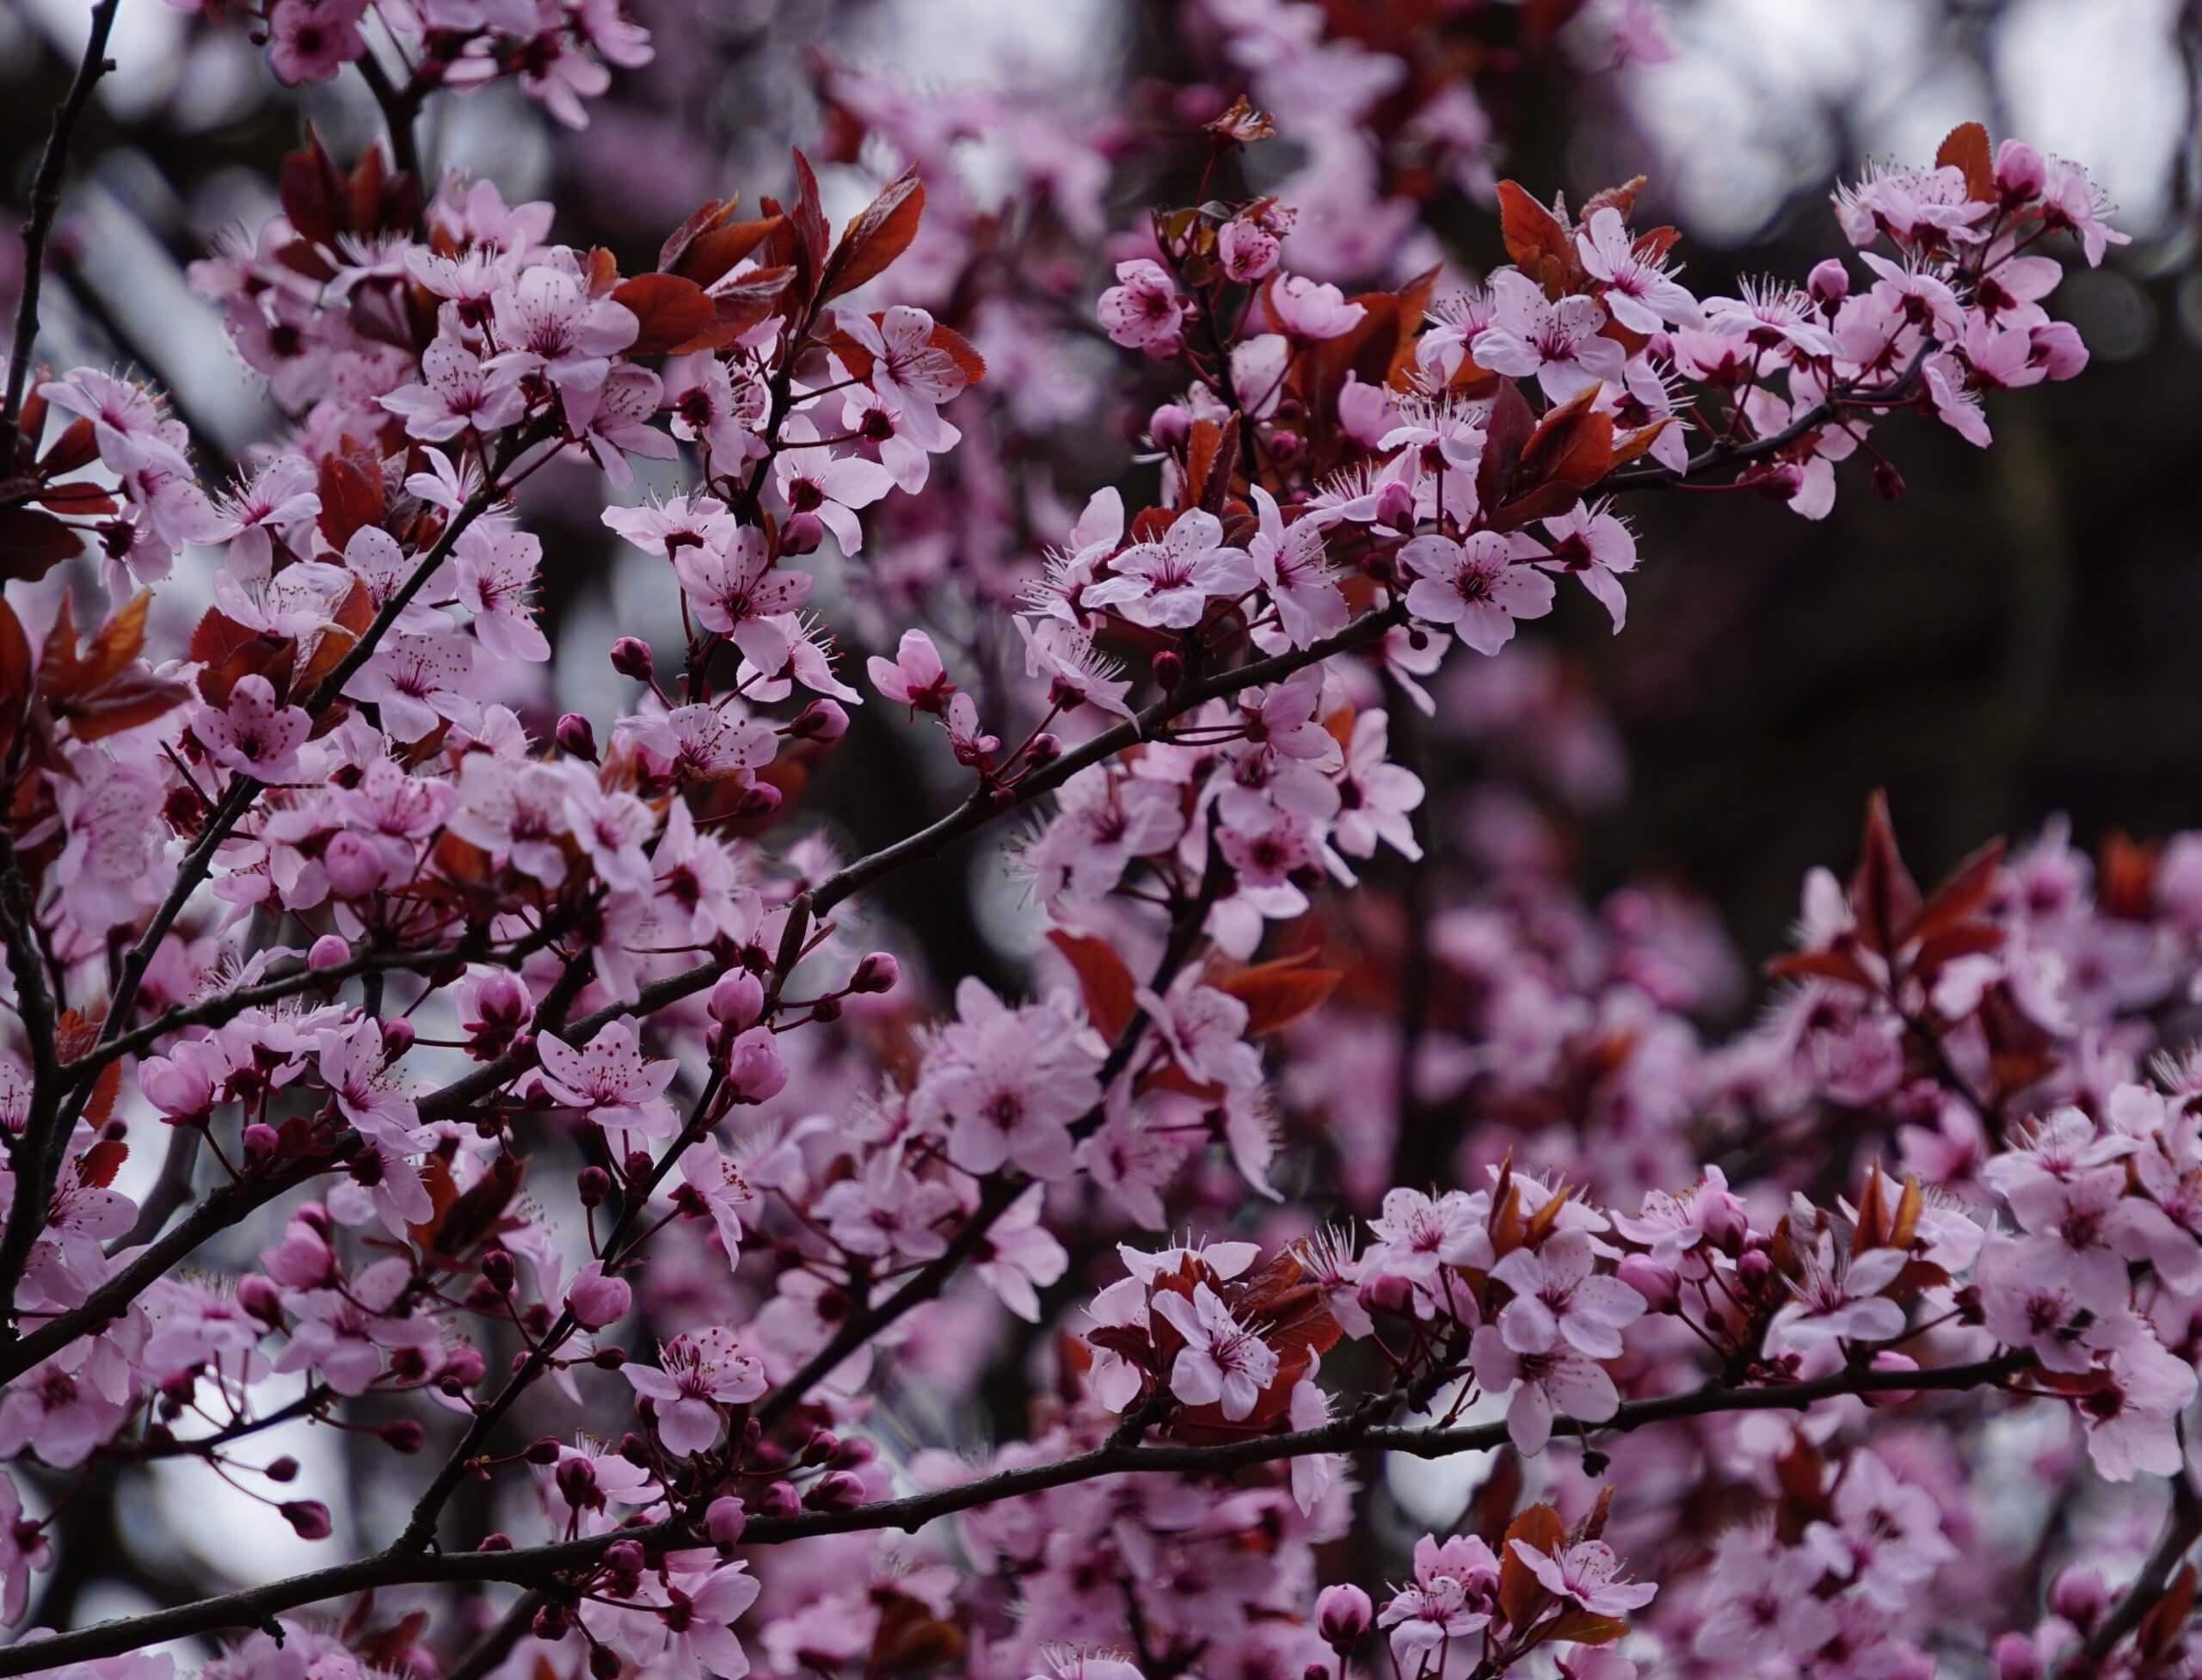 Das Bild zeigt die geöffneten und noch geschlossenen Blüten einer weiß-rosafarben blühenden Japanischen Zierkirsche im Kosmosviertel. Hier Anfang April 2021.